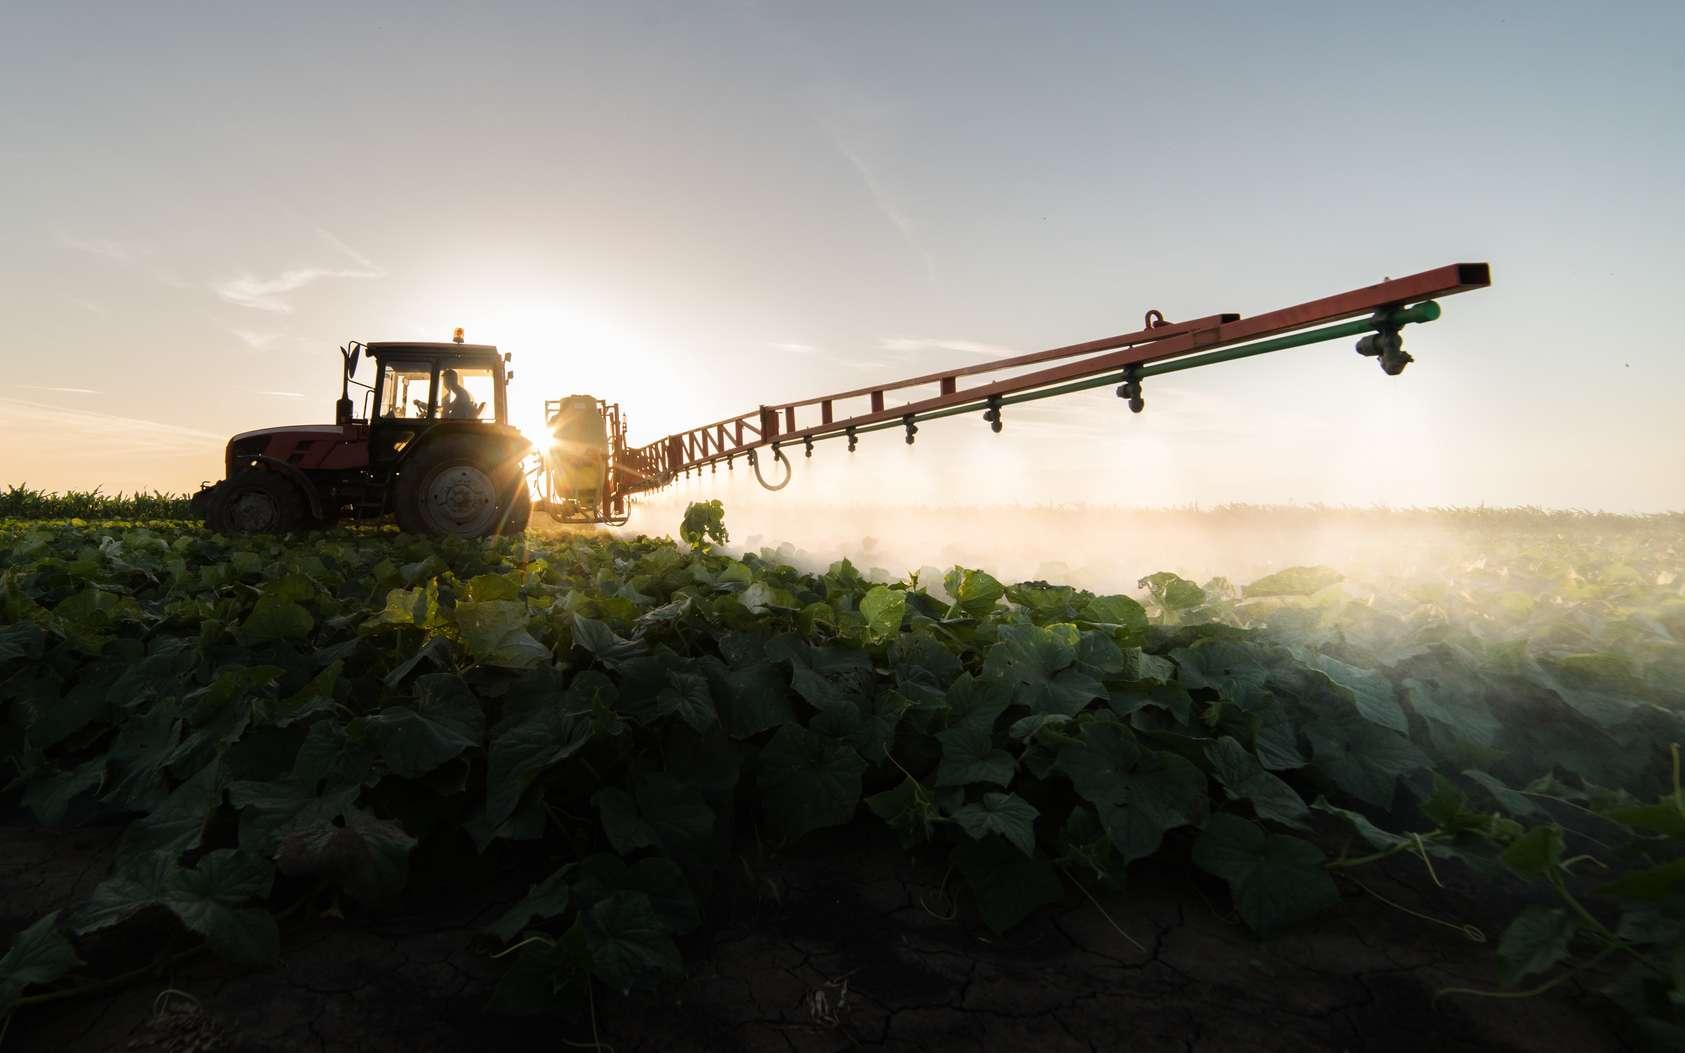 Le Costa Rica est le premier utilisateur de pesticides par hectare. © Dusan Kostic, Fotolia